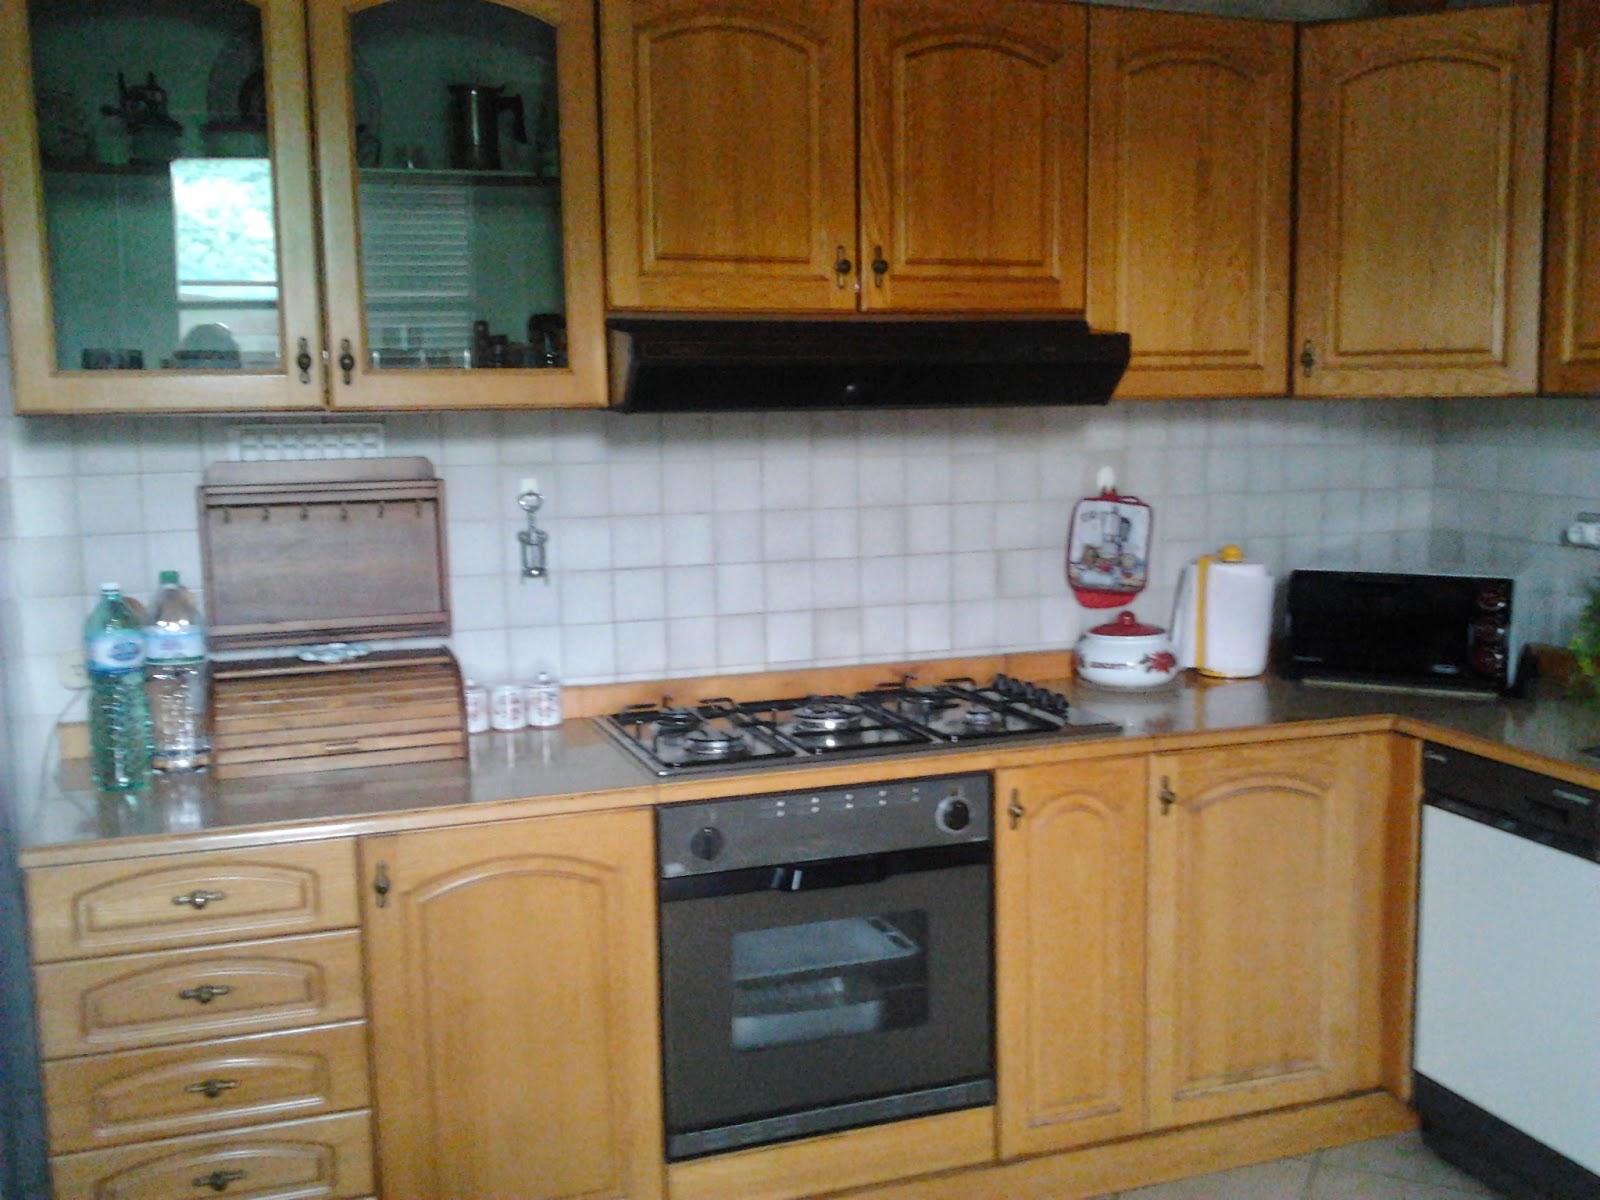 Salerno mobili usati : Cucina componibile in legno